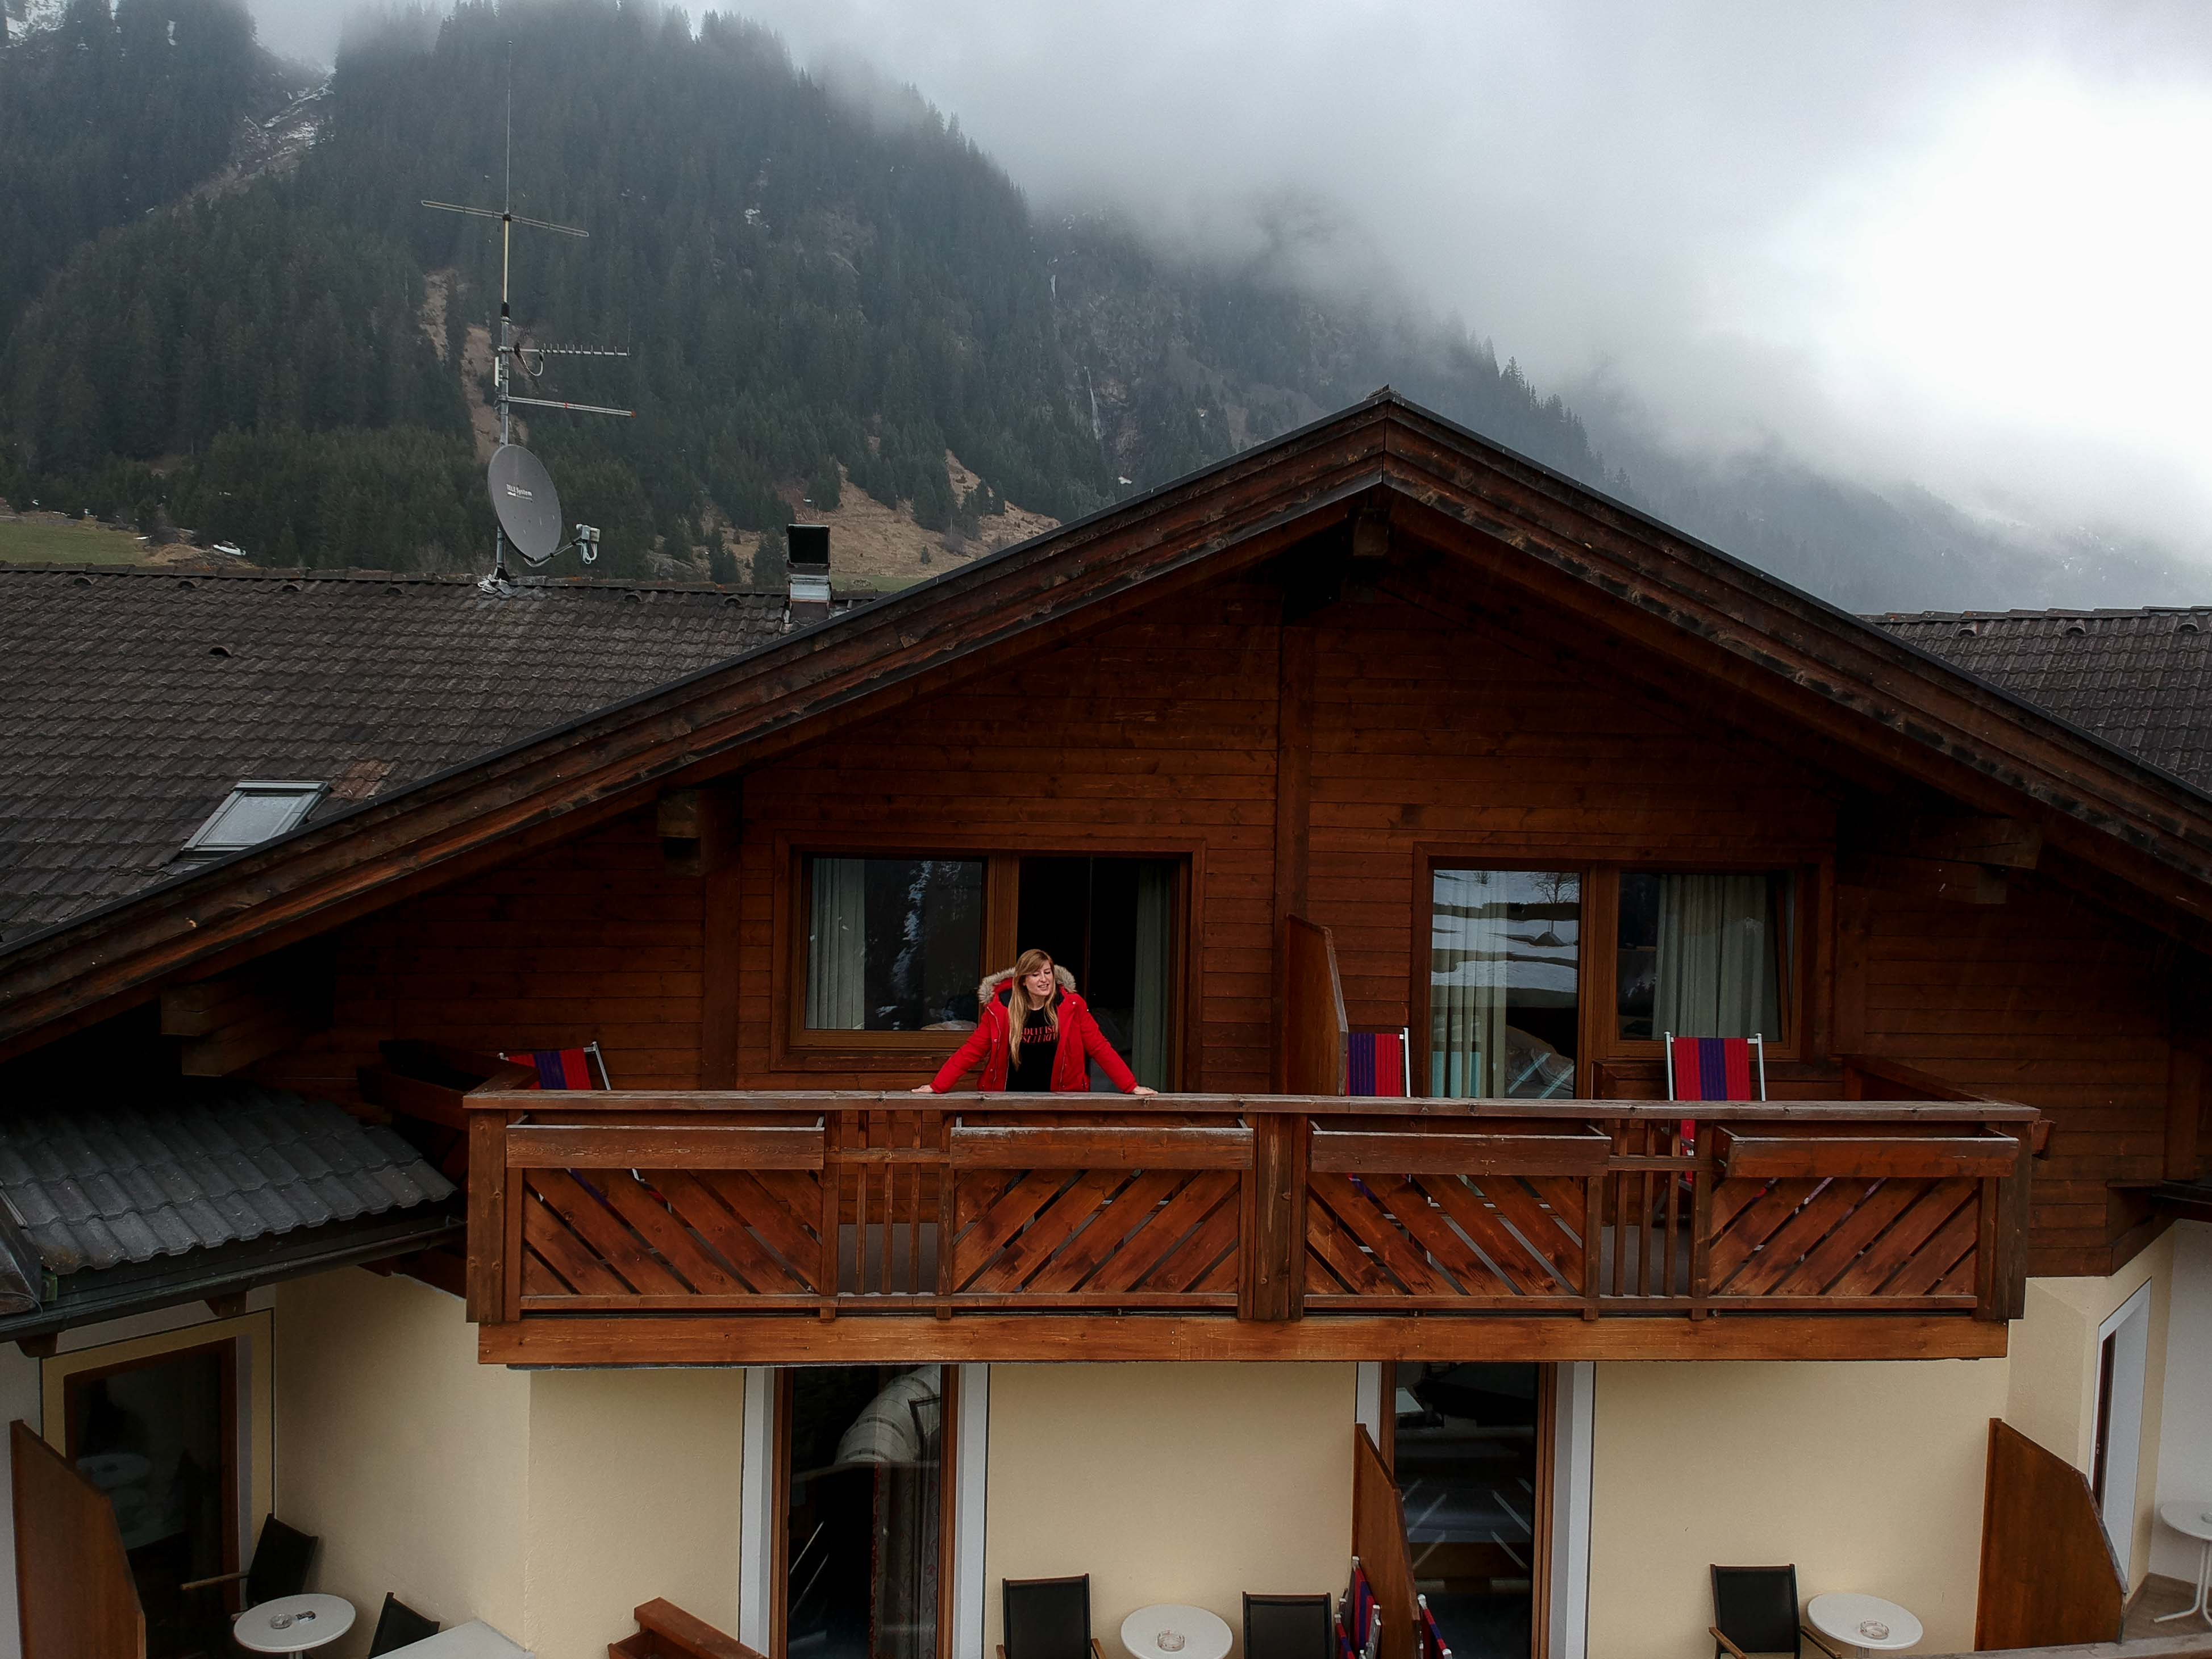 Südtirol-Hotel-Schneeberg-Italien-Wellnesshotel-Reiseblog-Wellnessurlaub-Kurzurlaub-Hotelempfehlung-Skiurlaub-Winterurlaub-Balkon-Berge